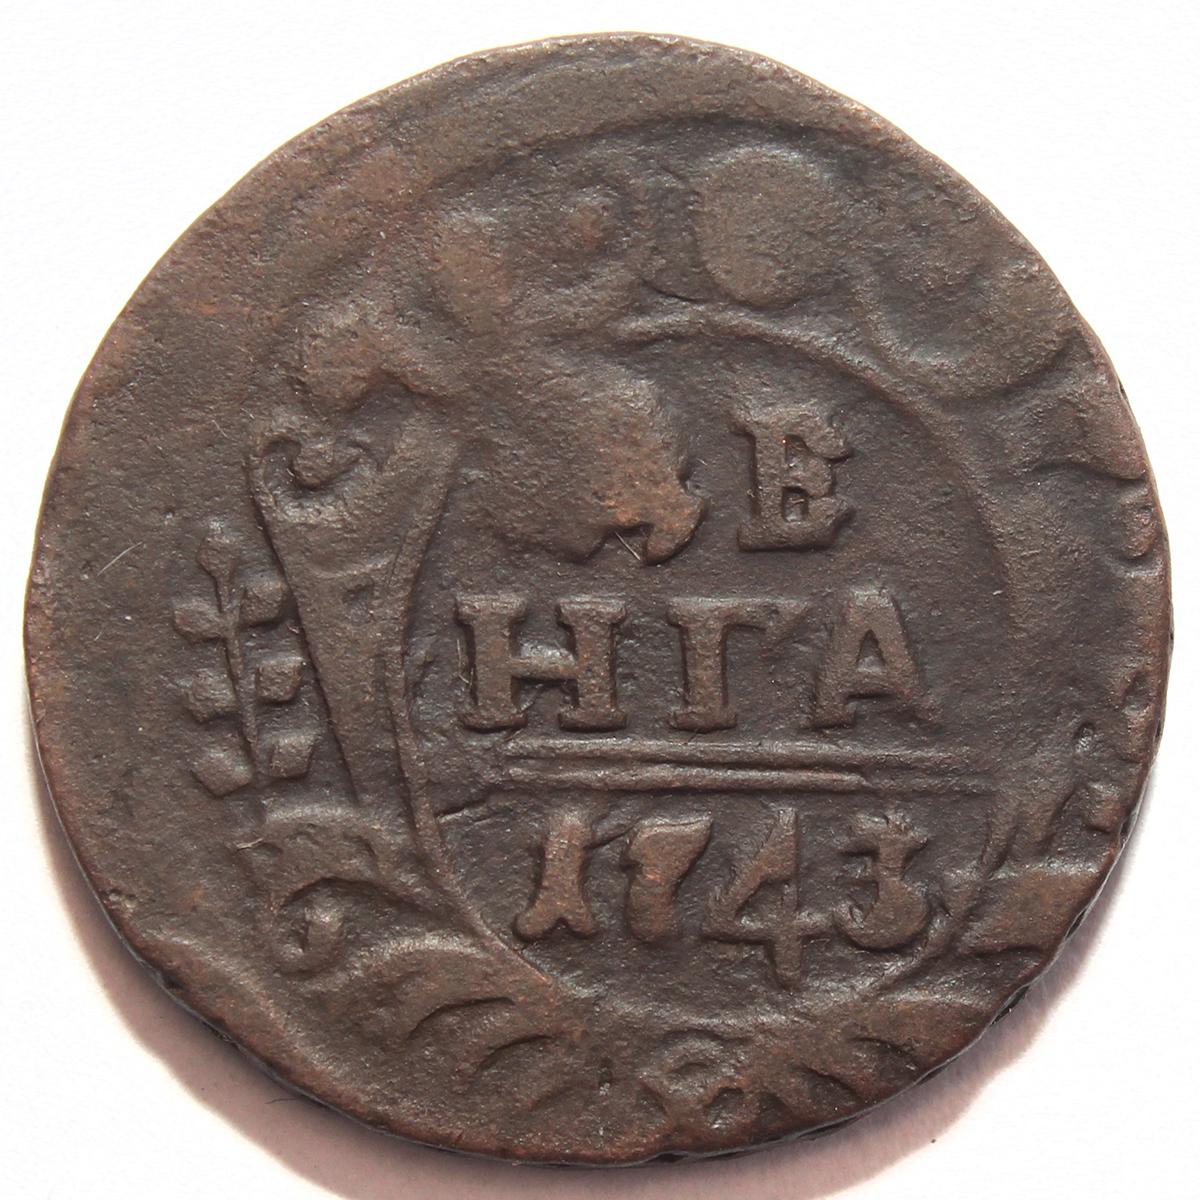 Денга 1743 г. Елизавета I. F